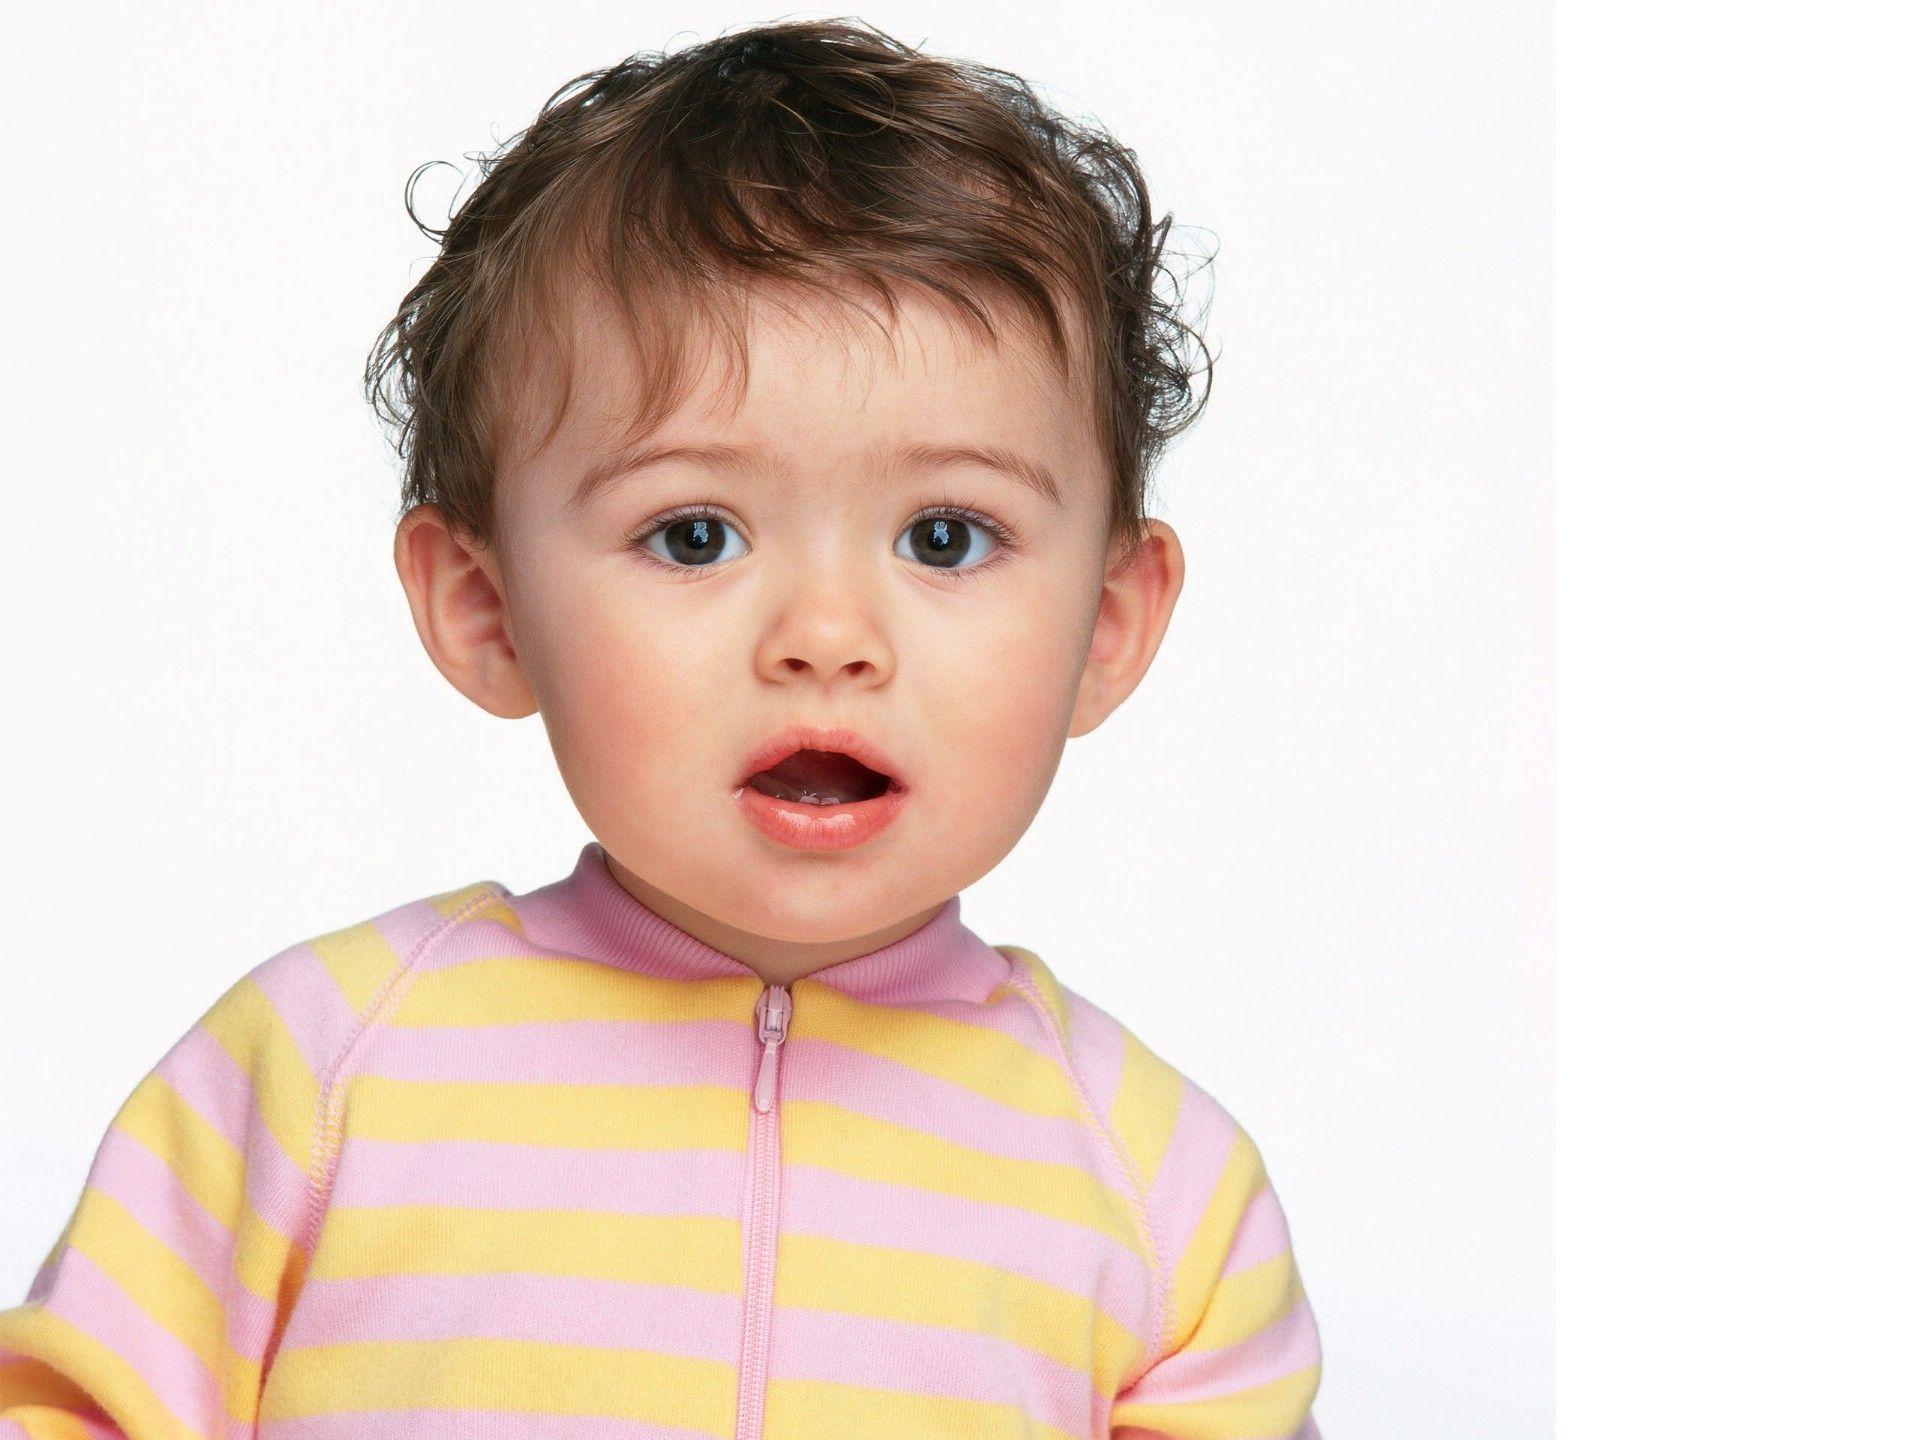 Cute little baby wallpaper cute